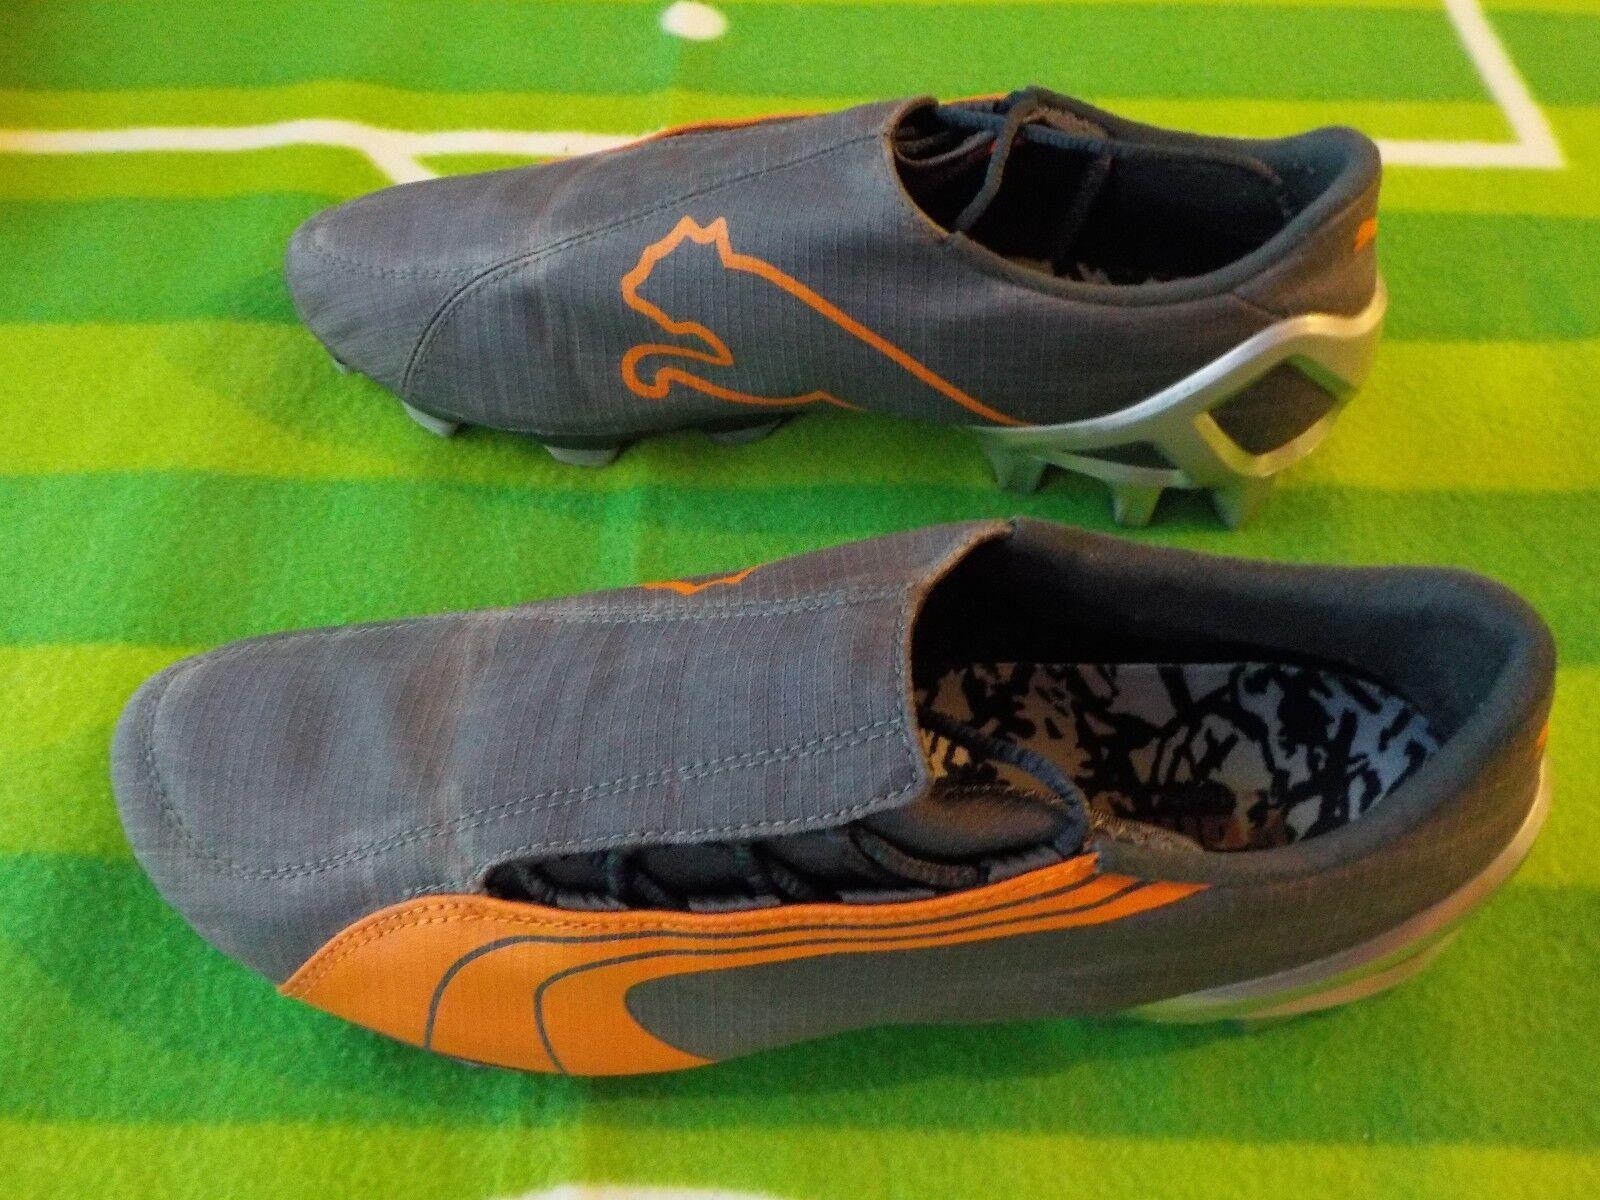 Puma v1.06 FG Fußballschuhe   schwarz Orange   EUR 42 UK 8 US 9   guter Zustand  | Ästhetisches Aussehen